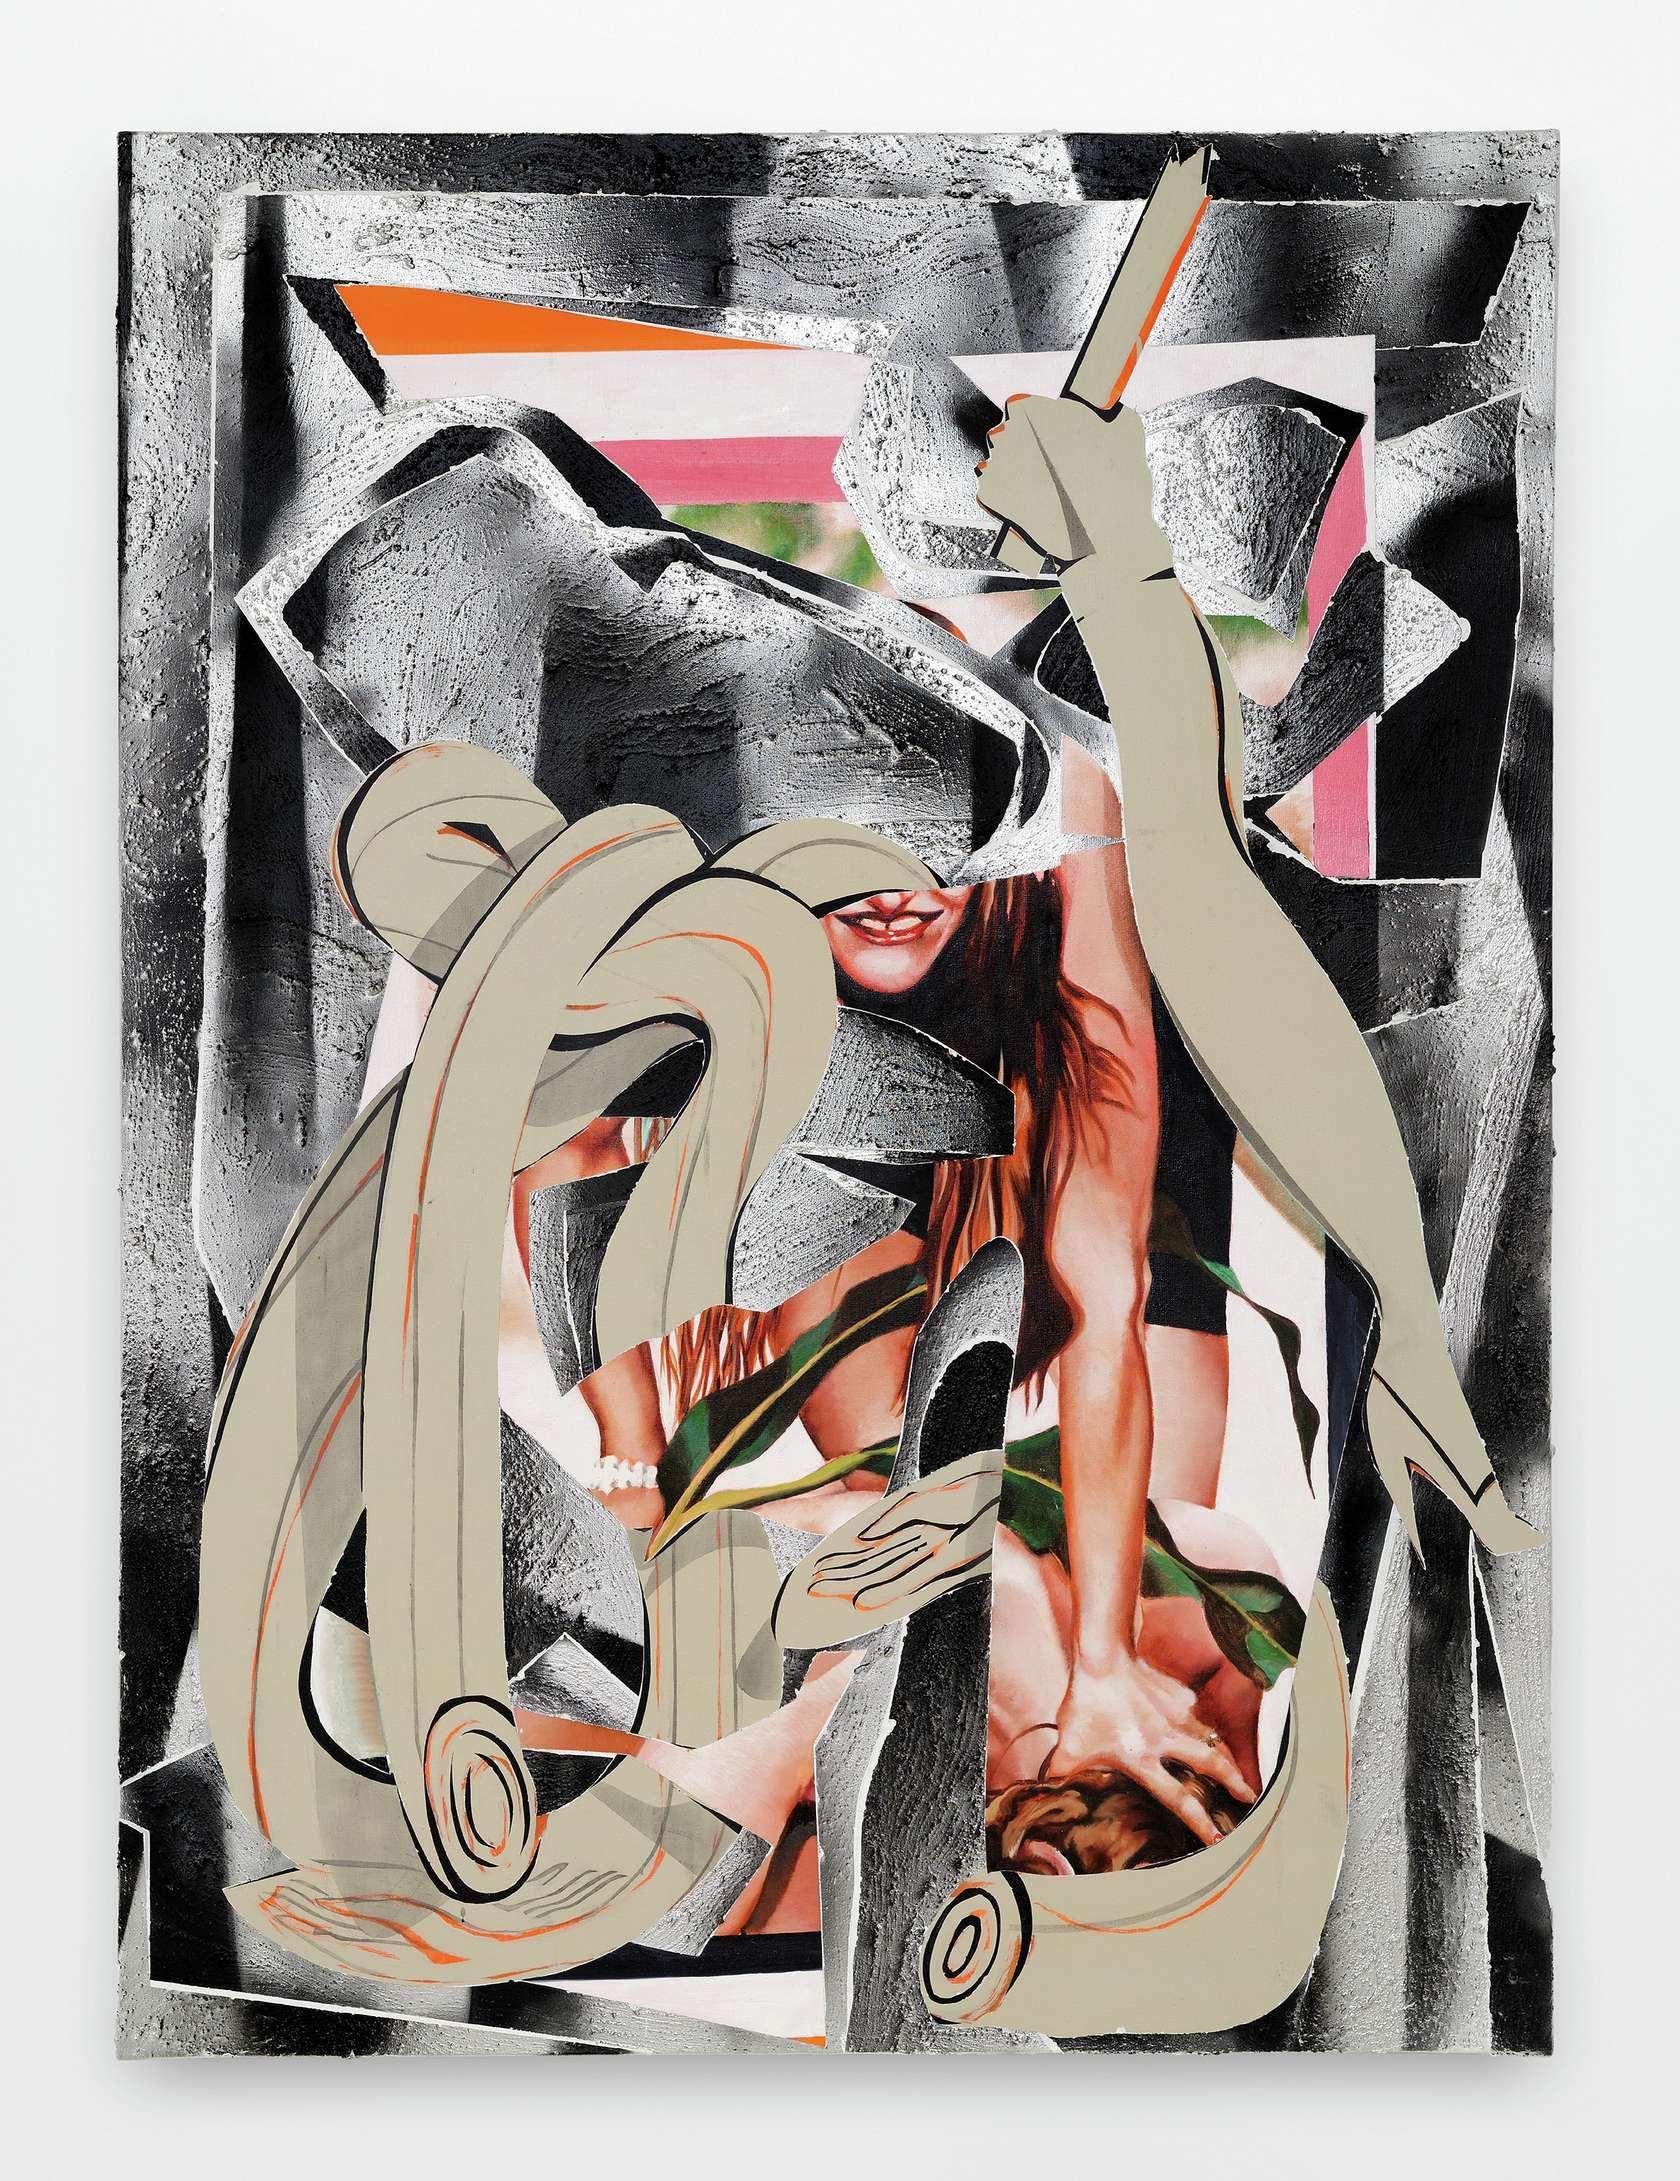 Laurent Proux, Couple II, 2017 Huile sur toile174 × 130 cm / 68 1/2 × 51 1/8 in.